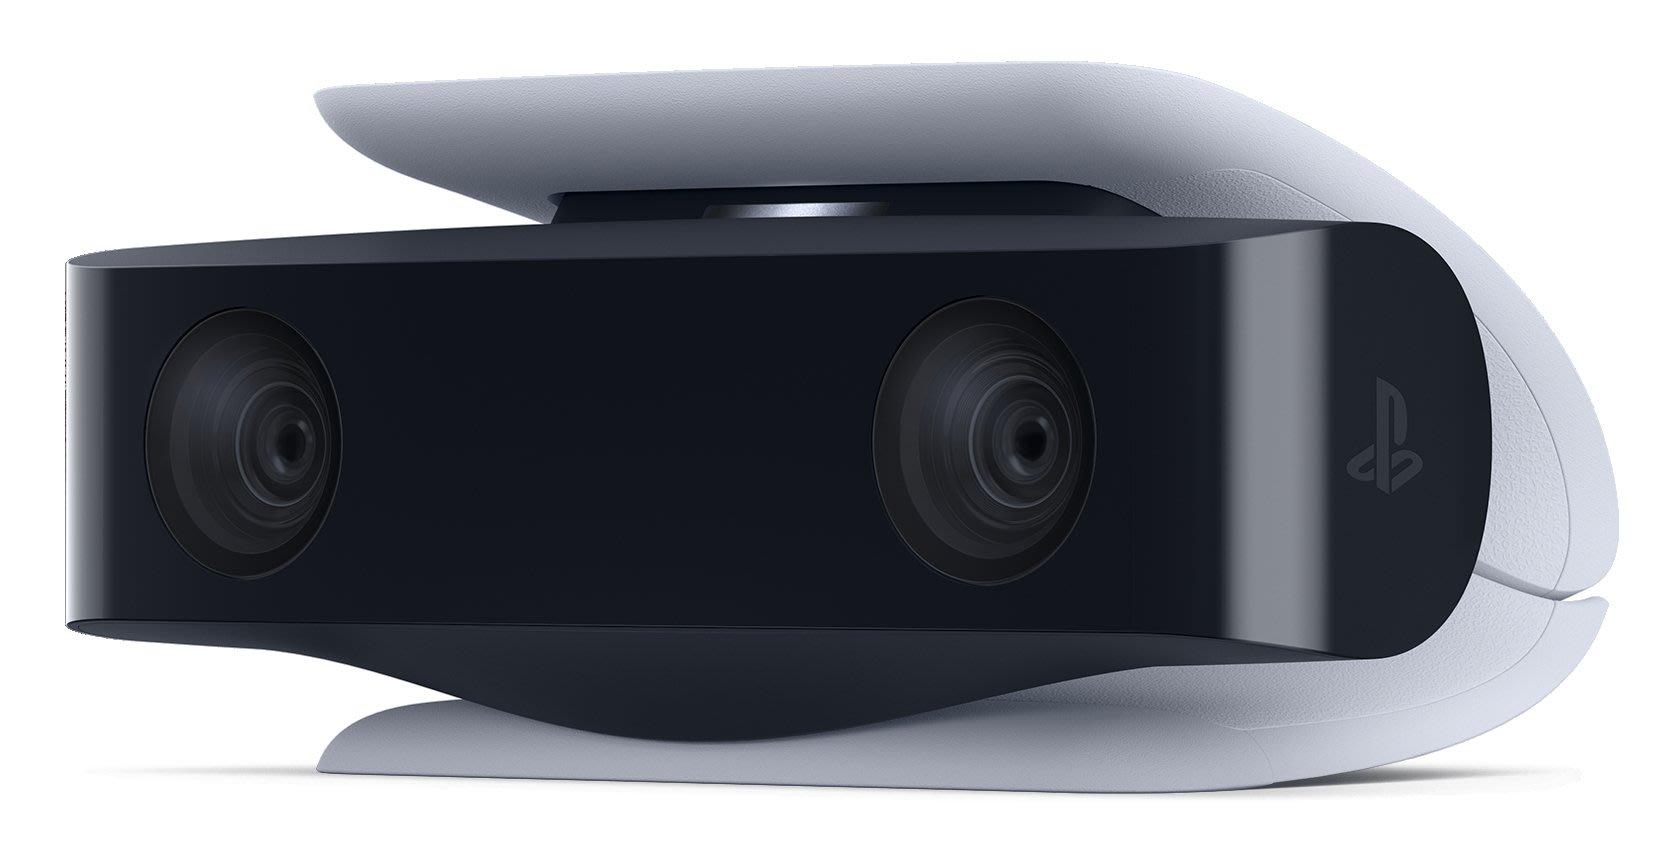 【勁多野】現貨供應 PS5 HD 攝影機 一年保固